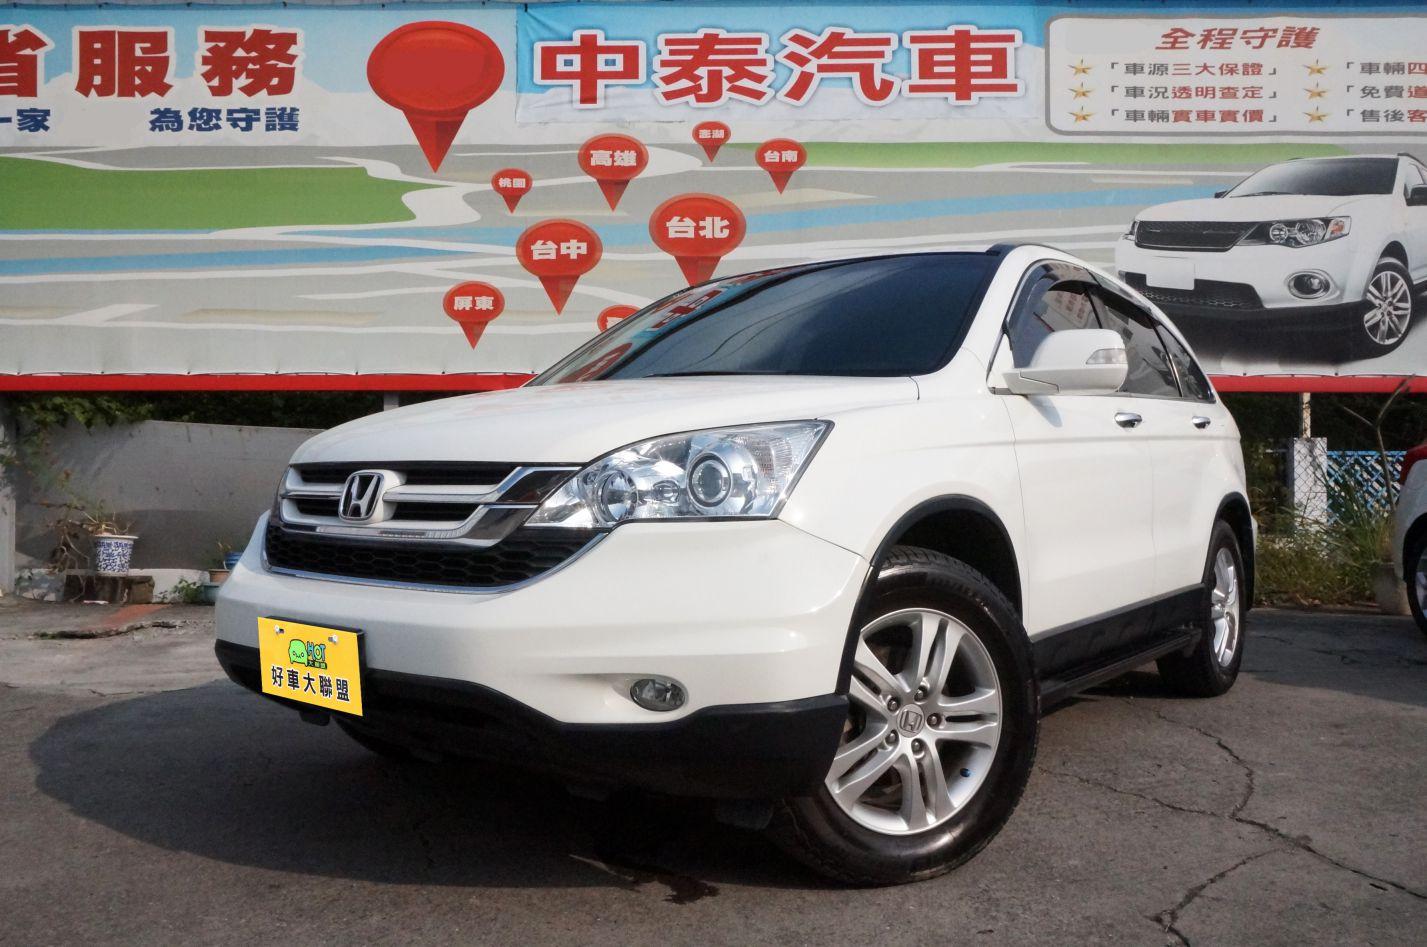 2010 Honda 本田 Cr-v